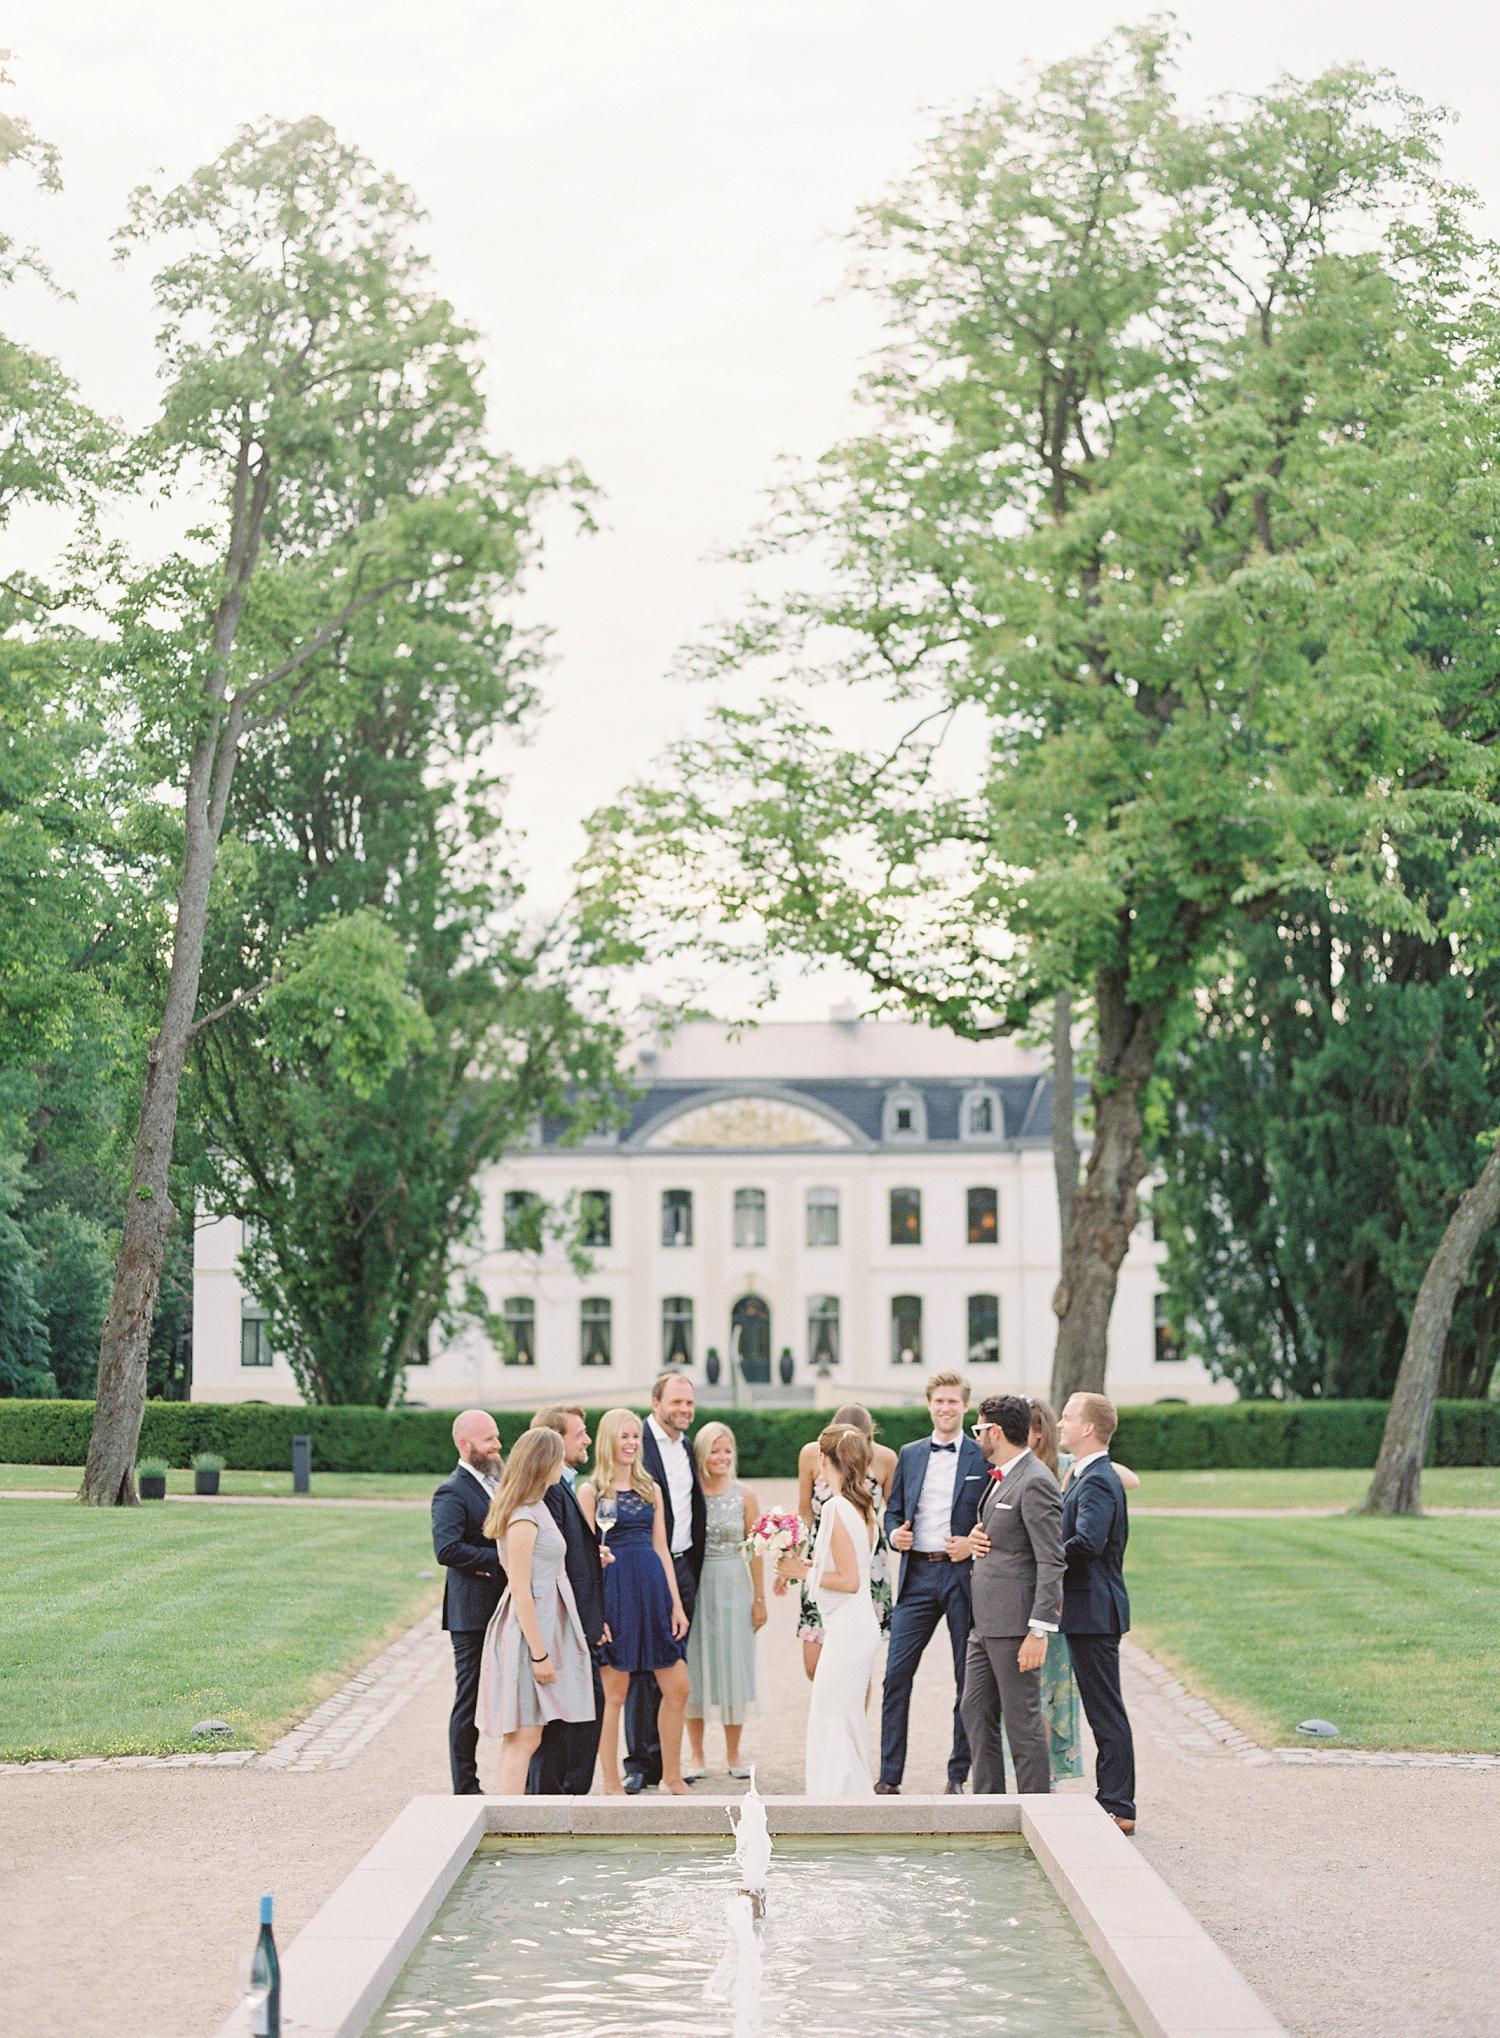 Weissenhaus Grand Village Hochzeit